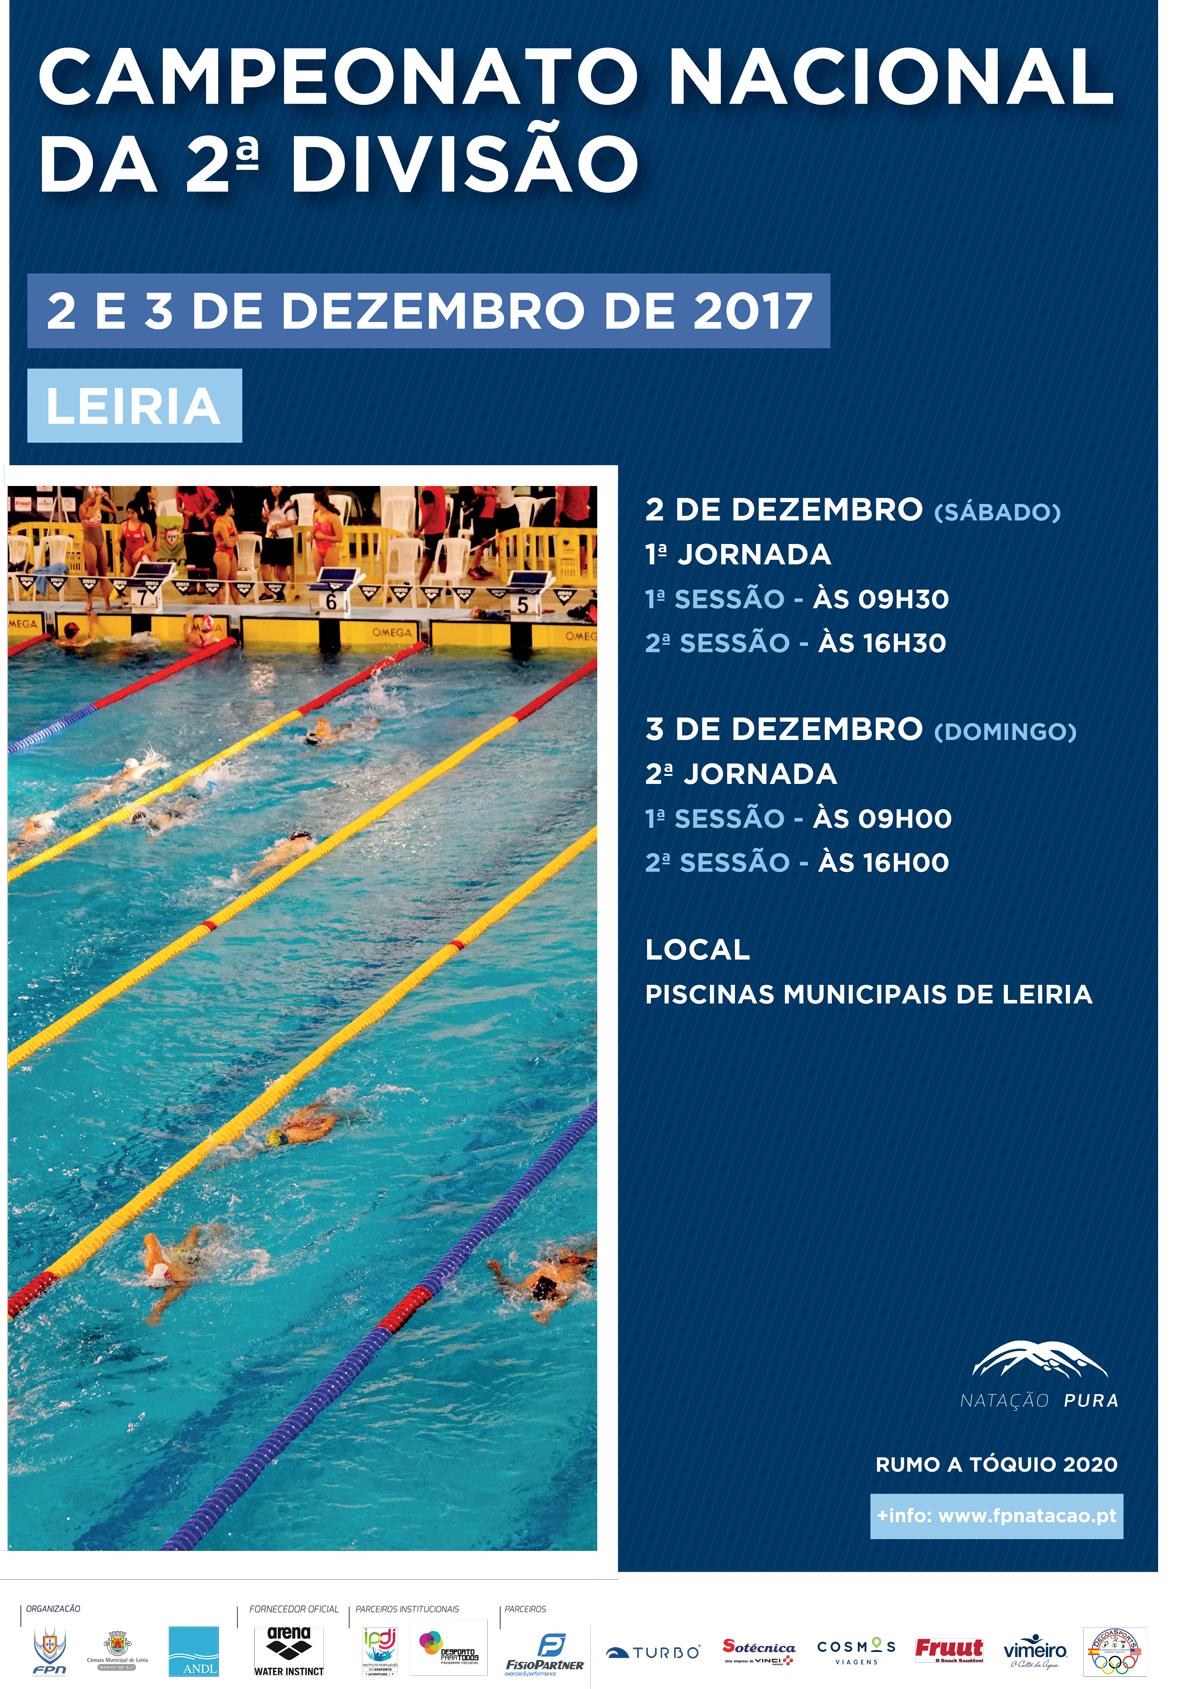 campeonato-nacional- 2divisão